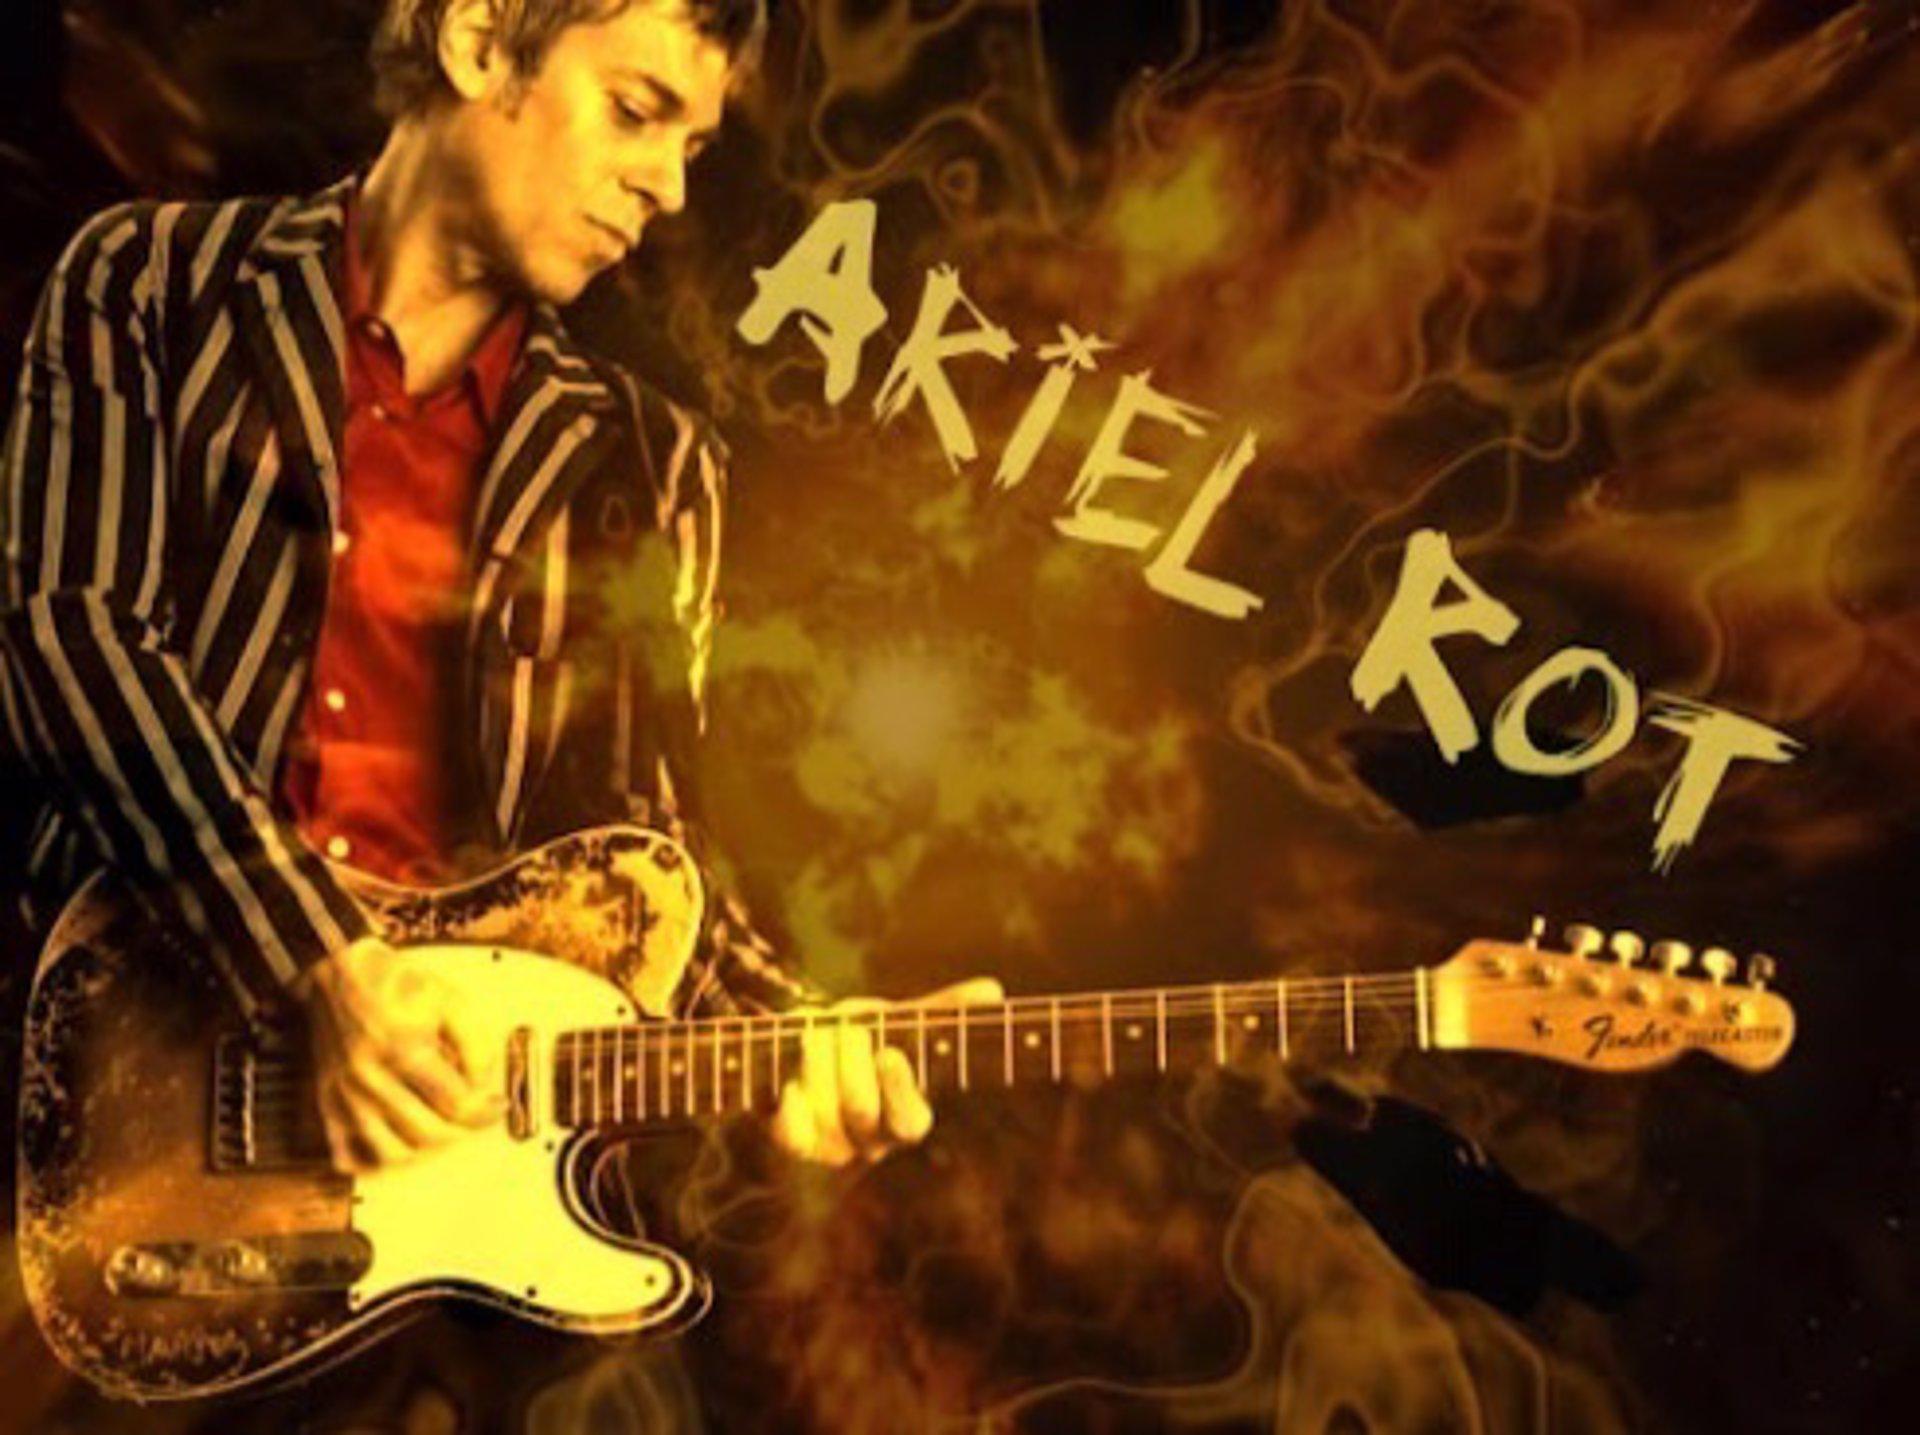 Ariel Rot pondrá este viernes el broche final a los conciertos de Sant Sebastià